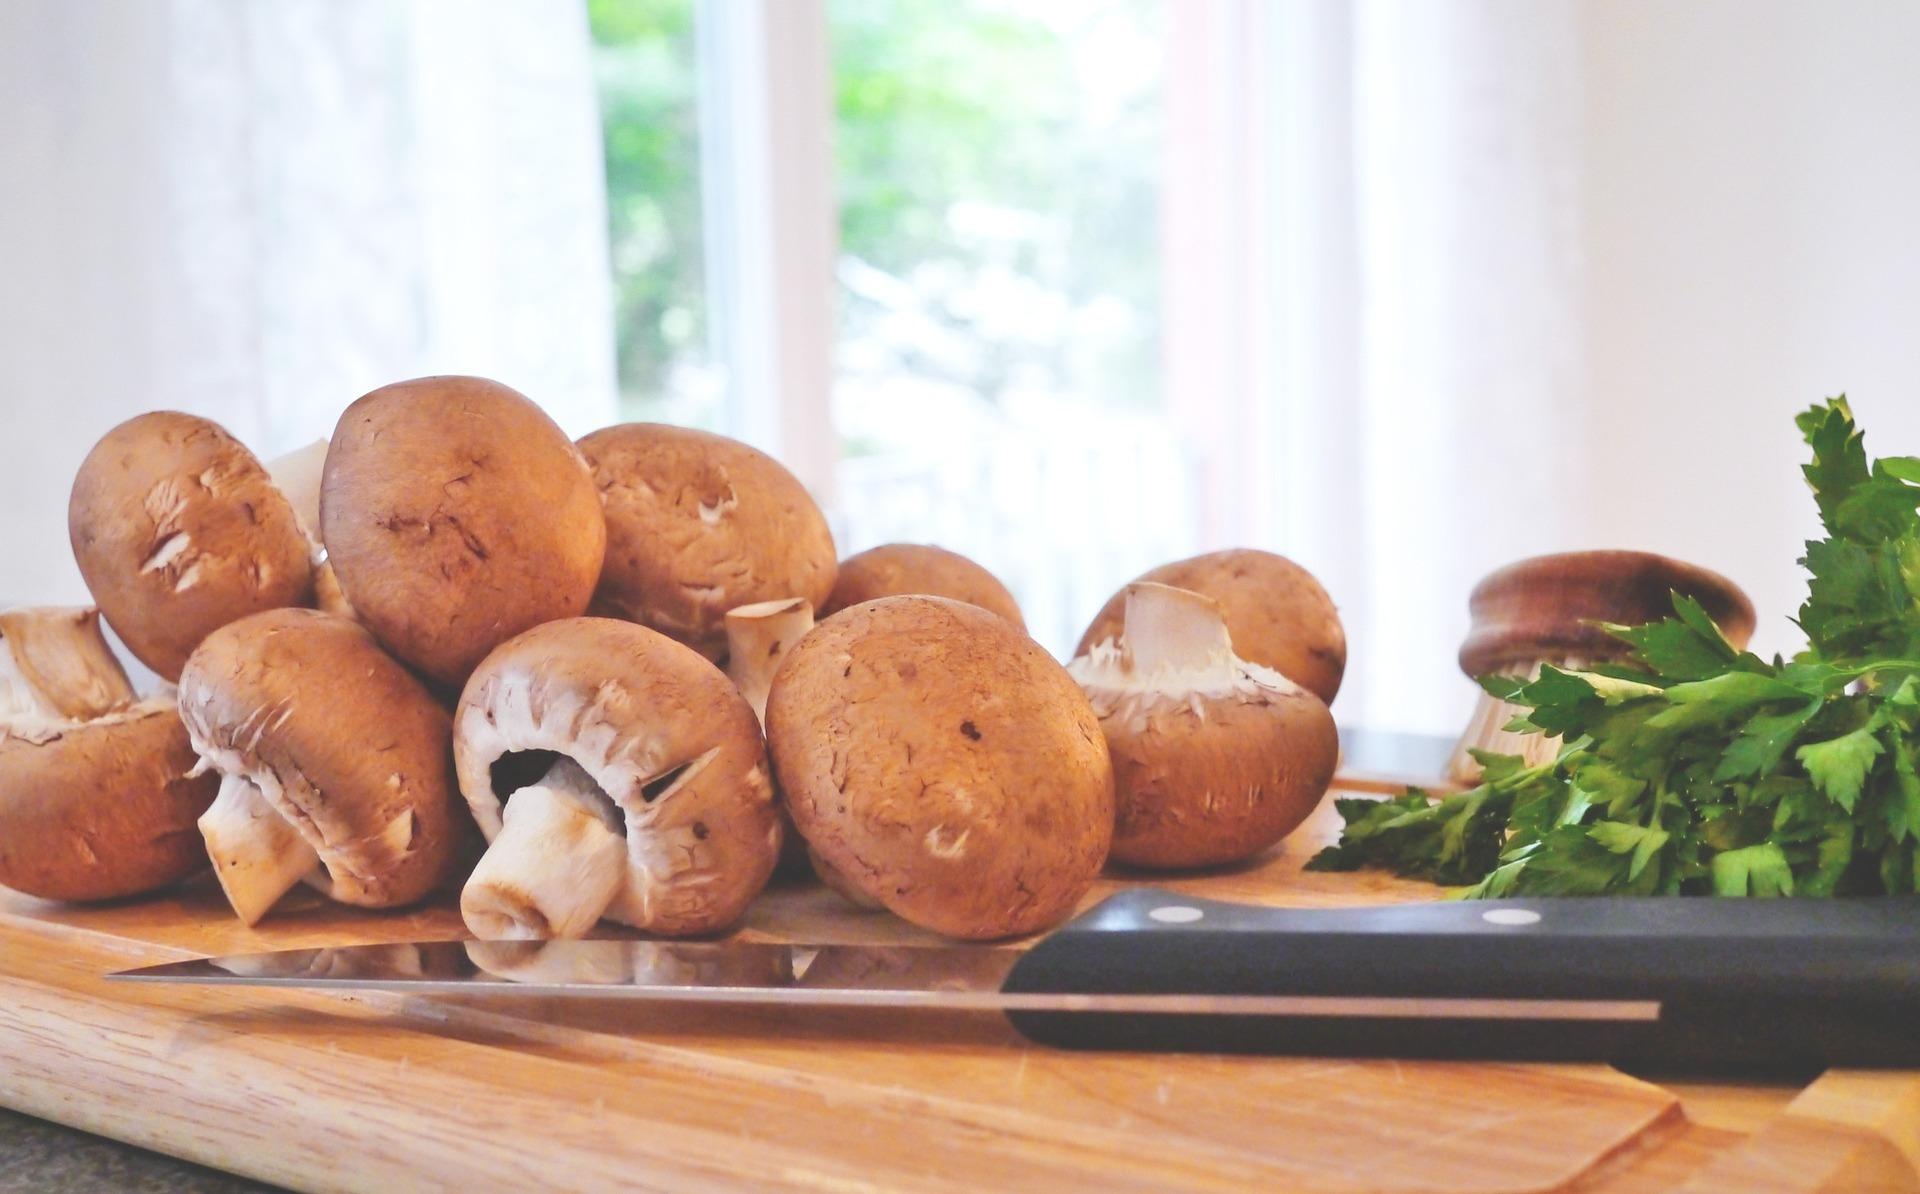 mushroom-817845_1920_edited